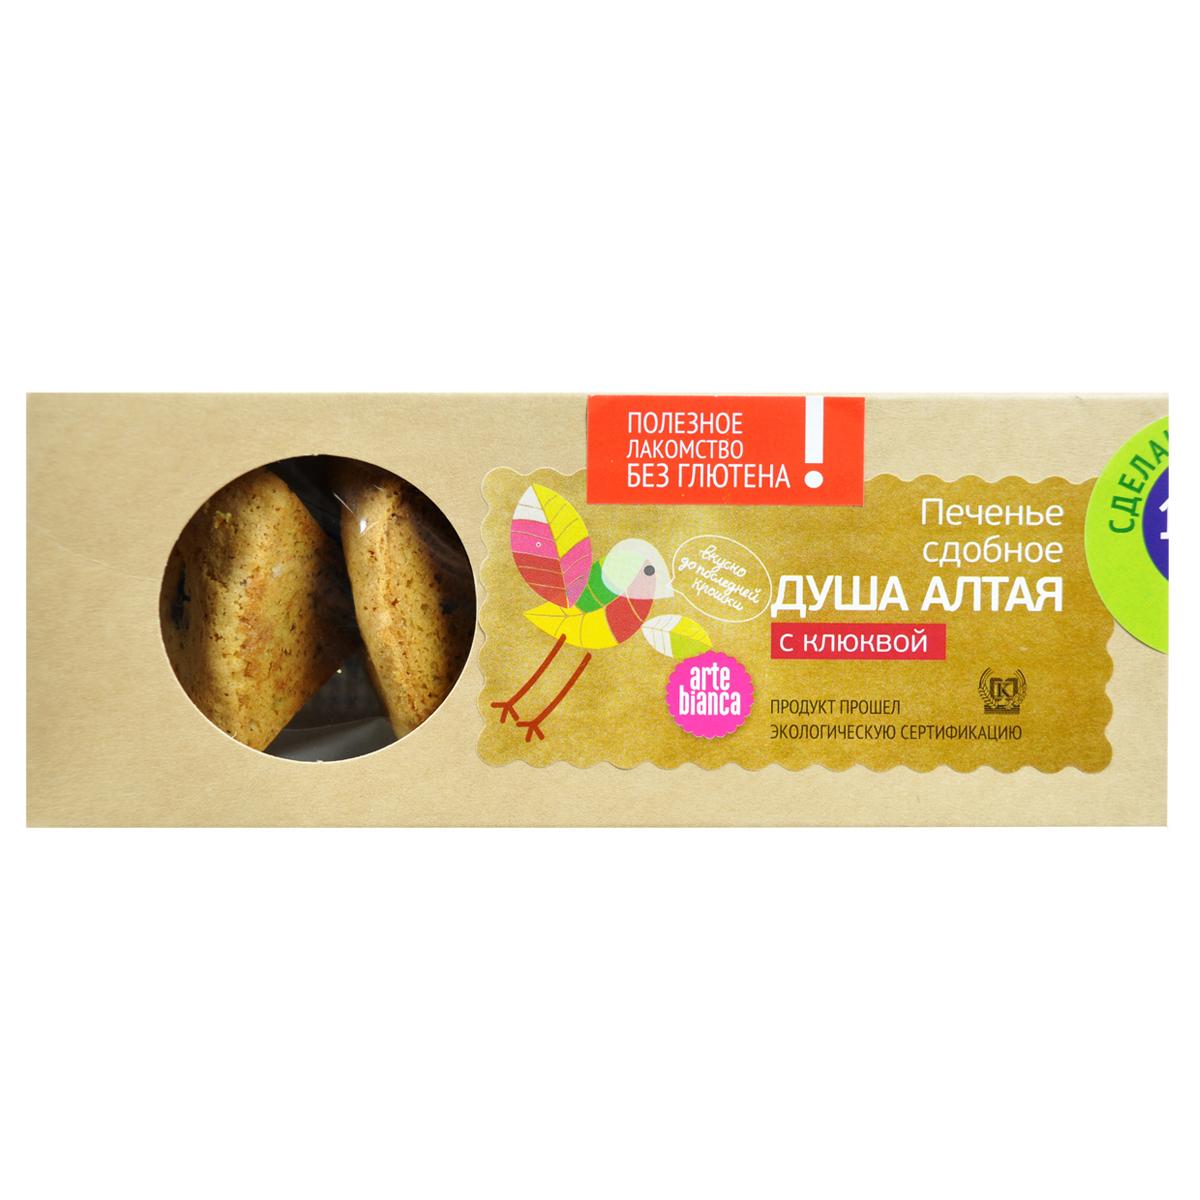 Печенье сдобное без глютена Душа Алтая с клюквой Arte Bianca 160 гр